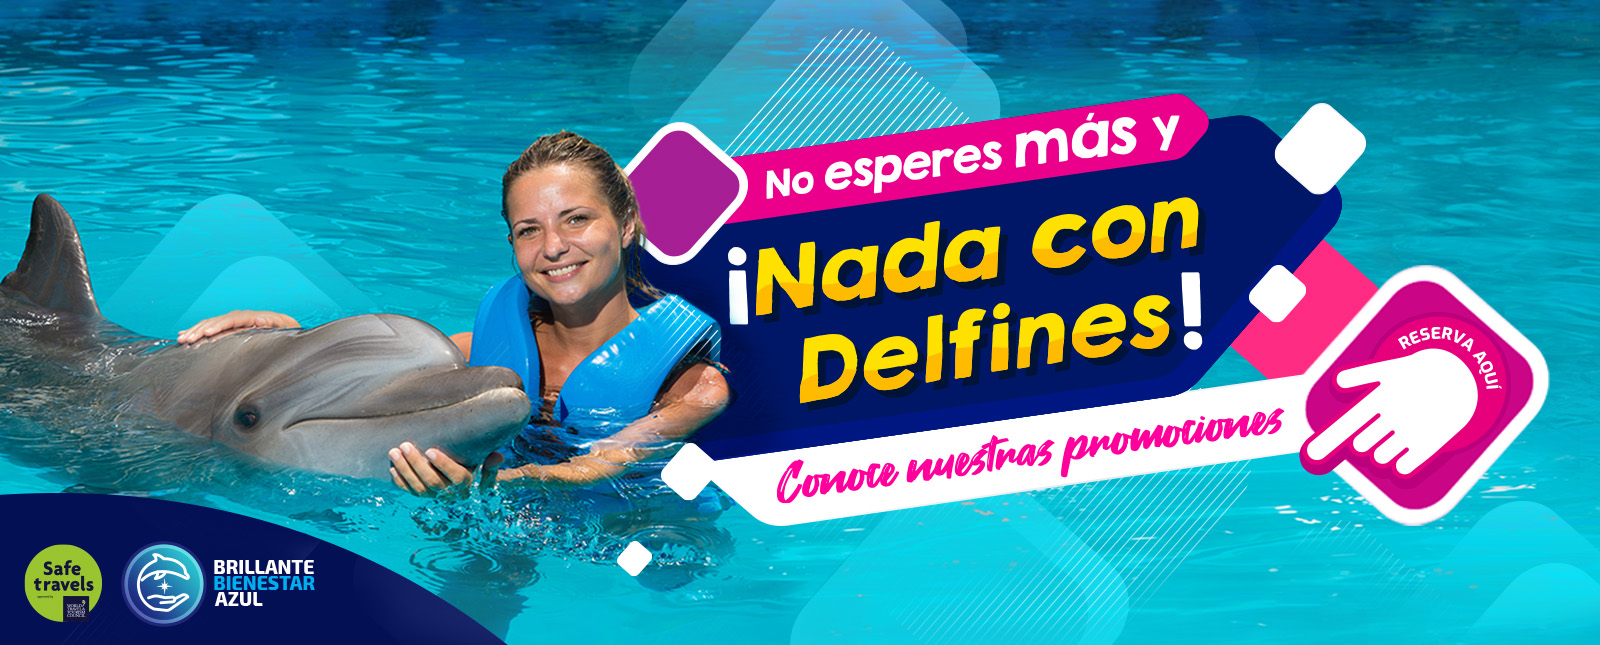 Nado con delfines en cancun y riviera maya